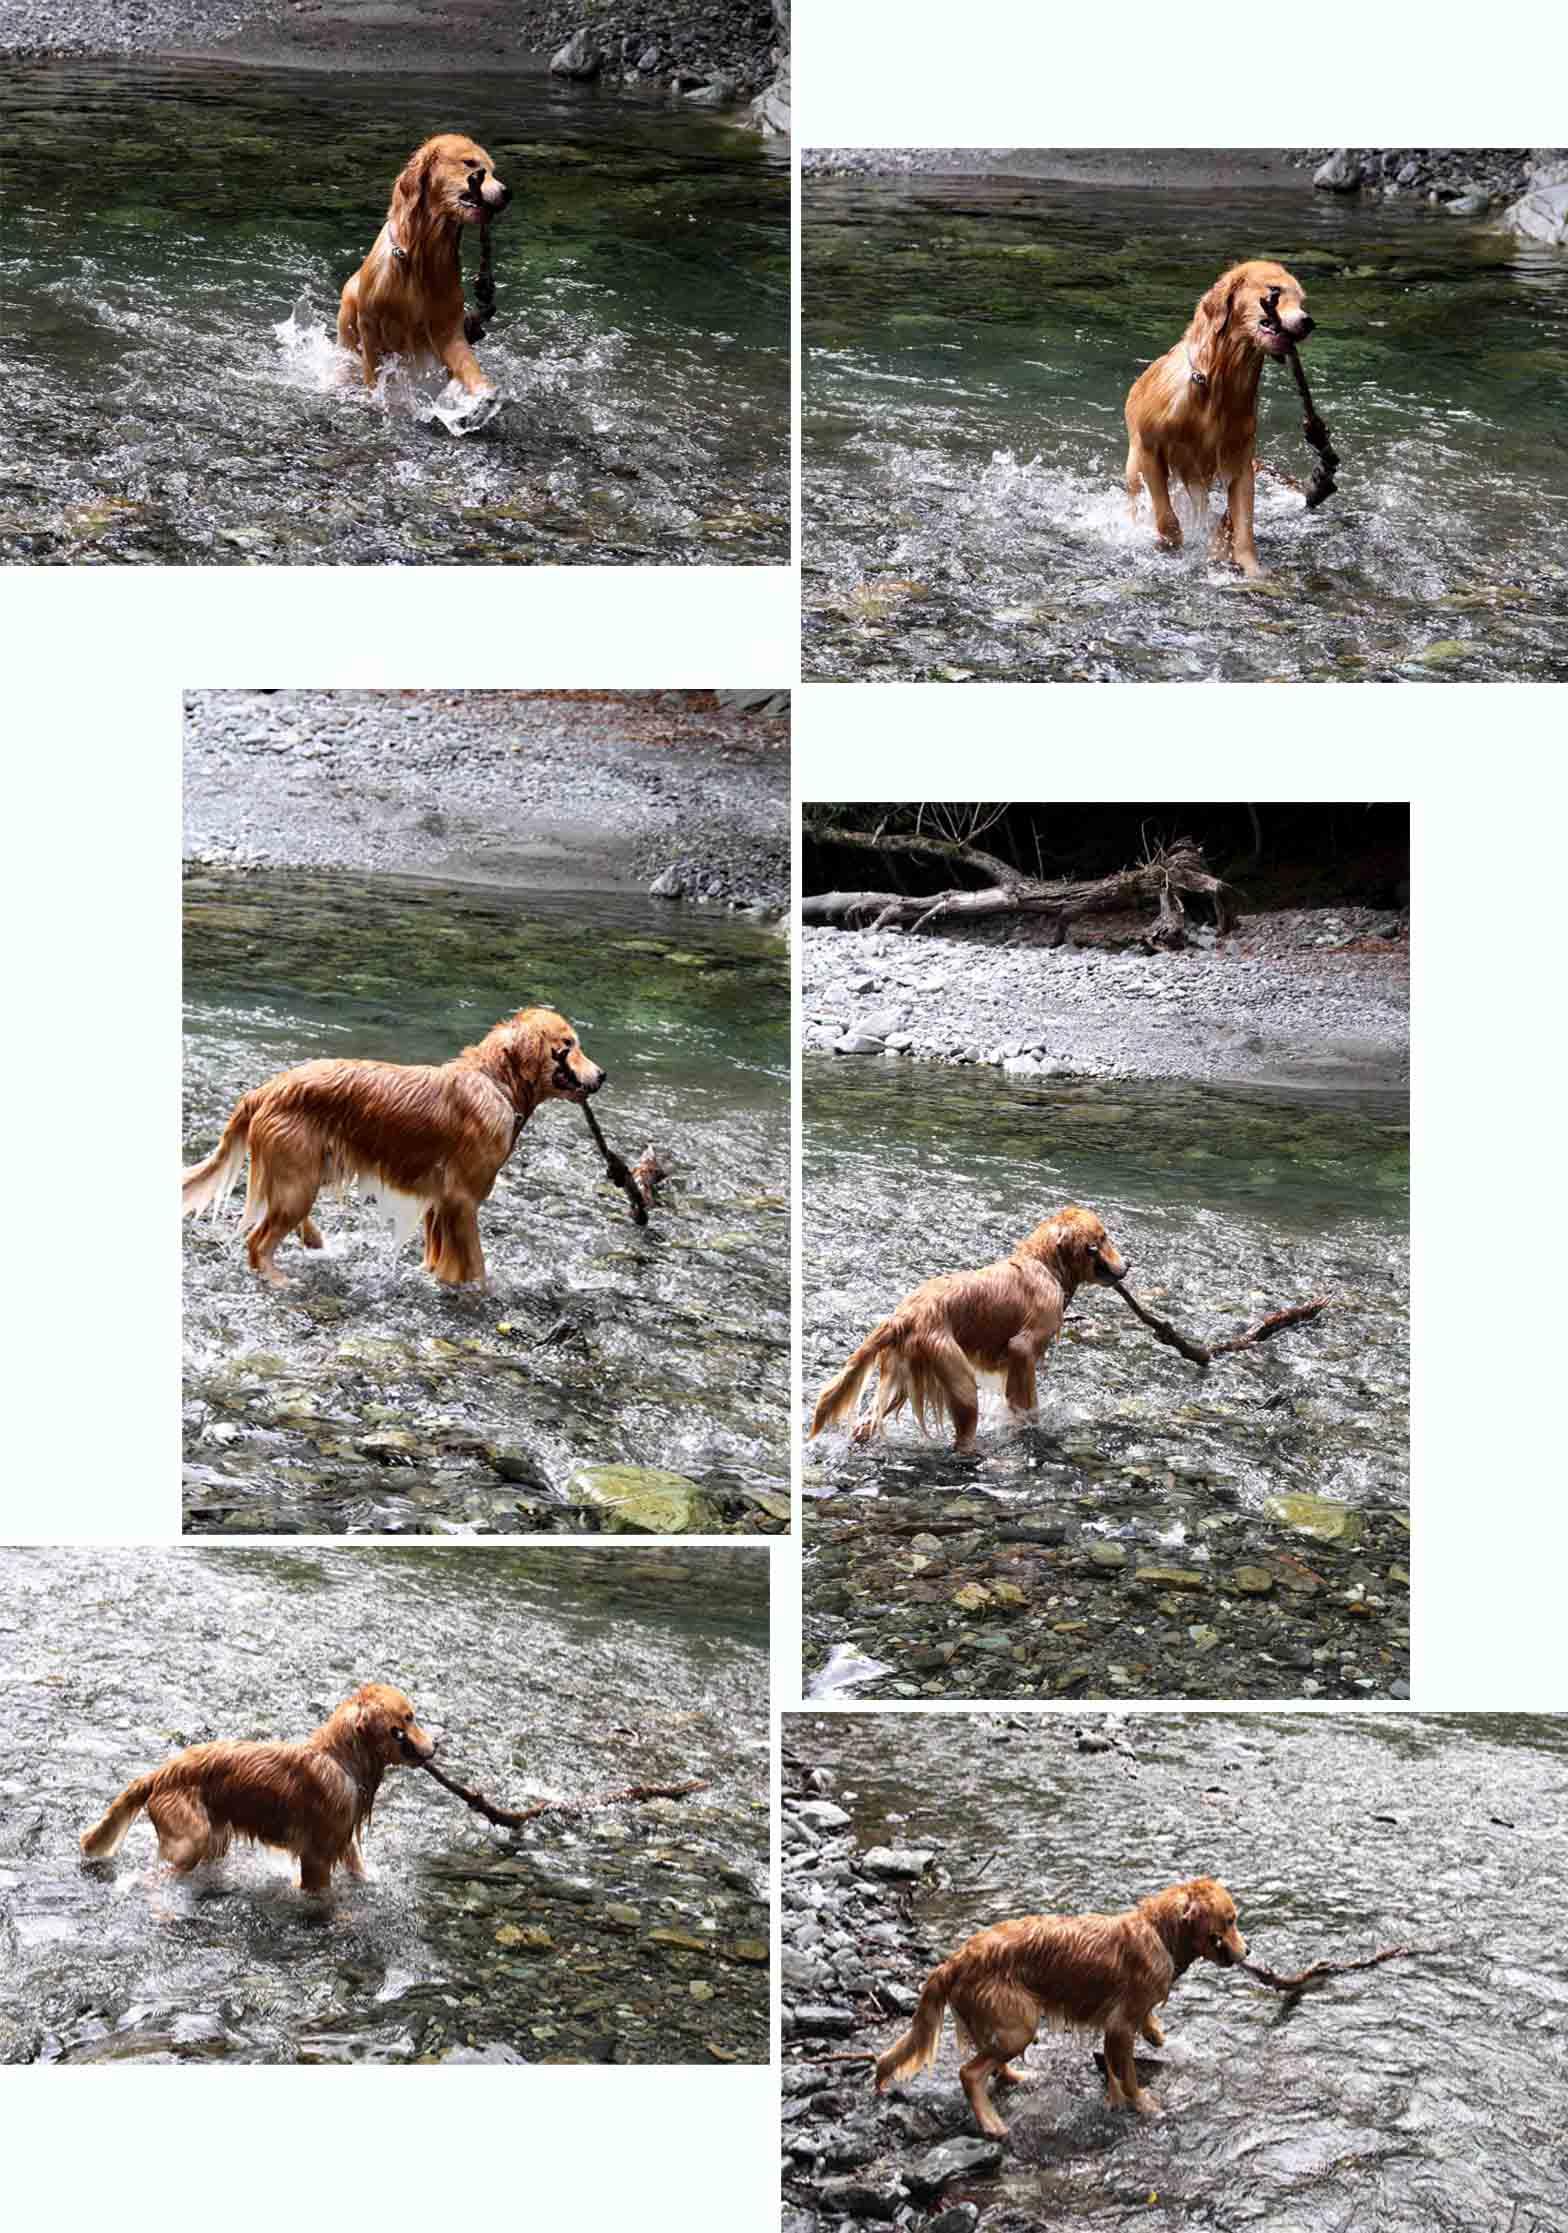 三峰川 7月14日 3度目の渓流 レトリーブ(28)